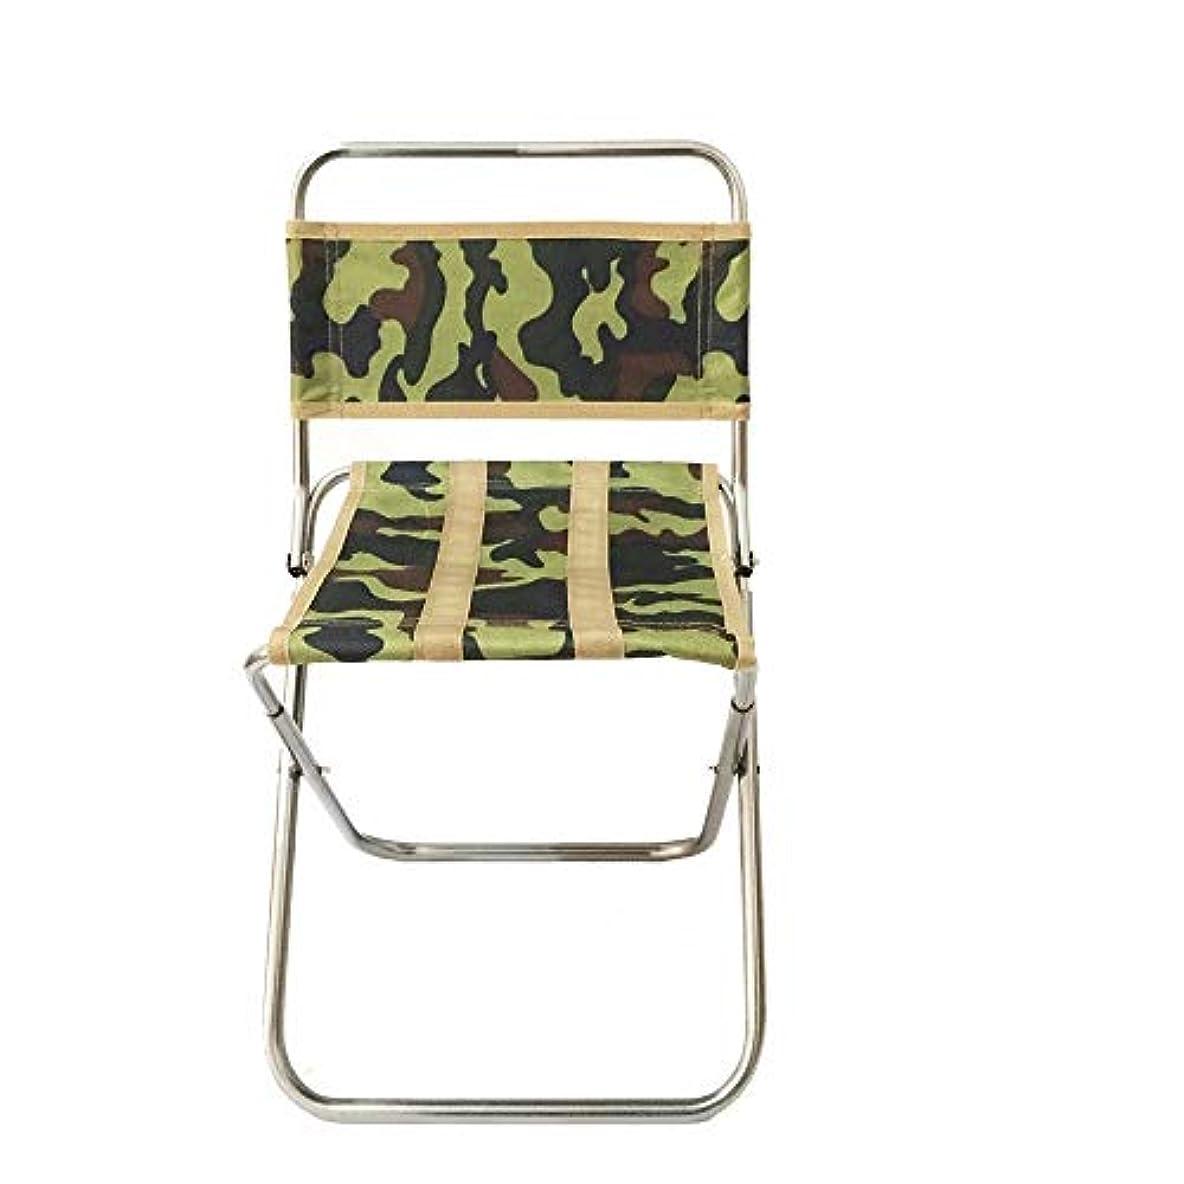 シャープツール崇拝する耐久の屋外の折りたたみ椅子のあと振れ止めの釣り椅子が付いている携帯用超軽量アルミ合金 あらゆる種類の野外活動に適しています (色 : Camouflage, サイズ : Free size)